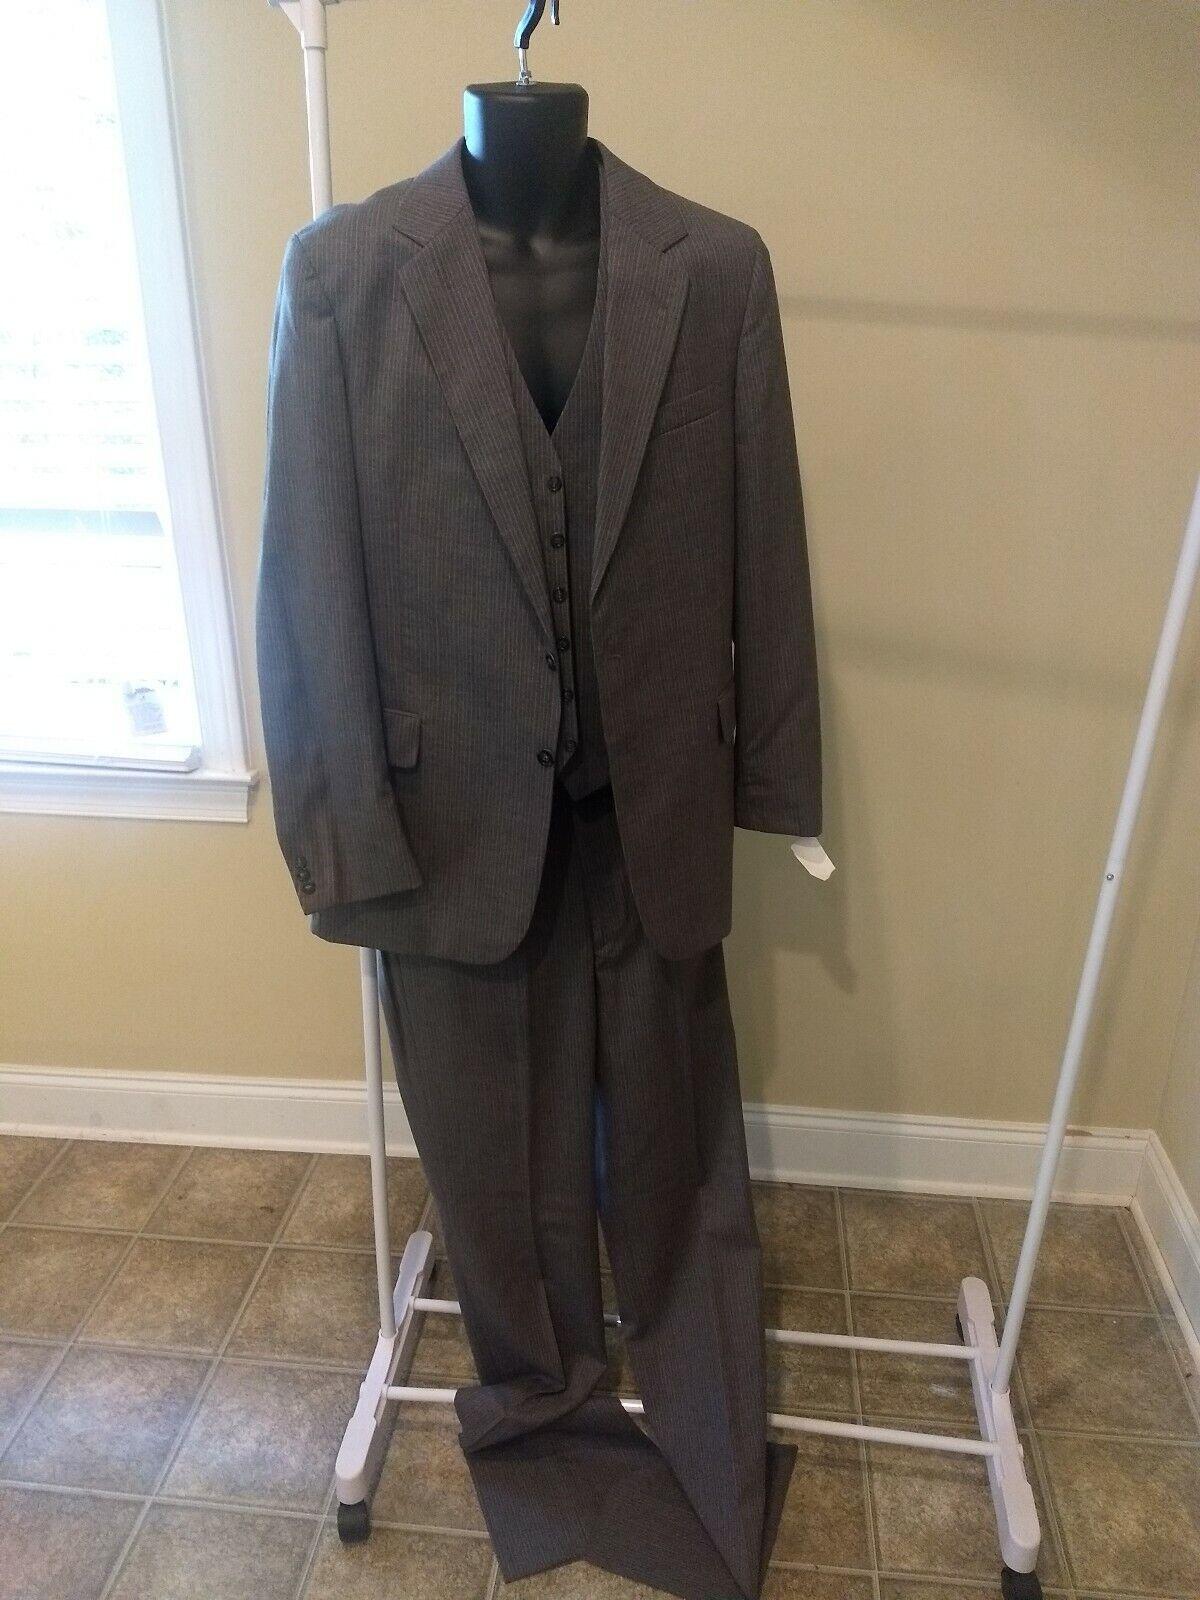 Männers 3 piece Wolle suit, 40L, Hose 34L